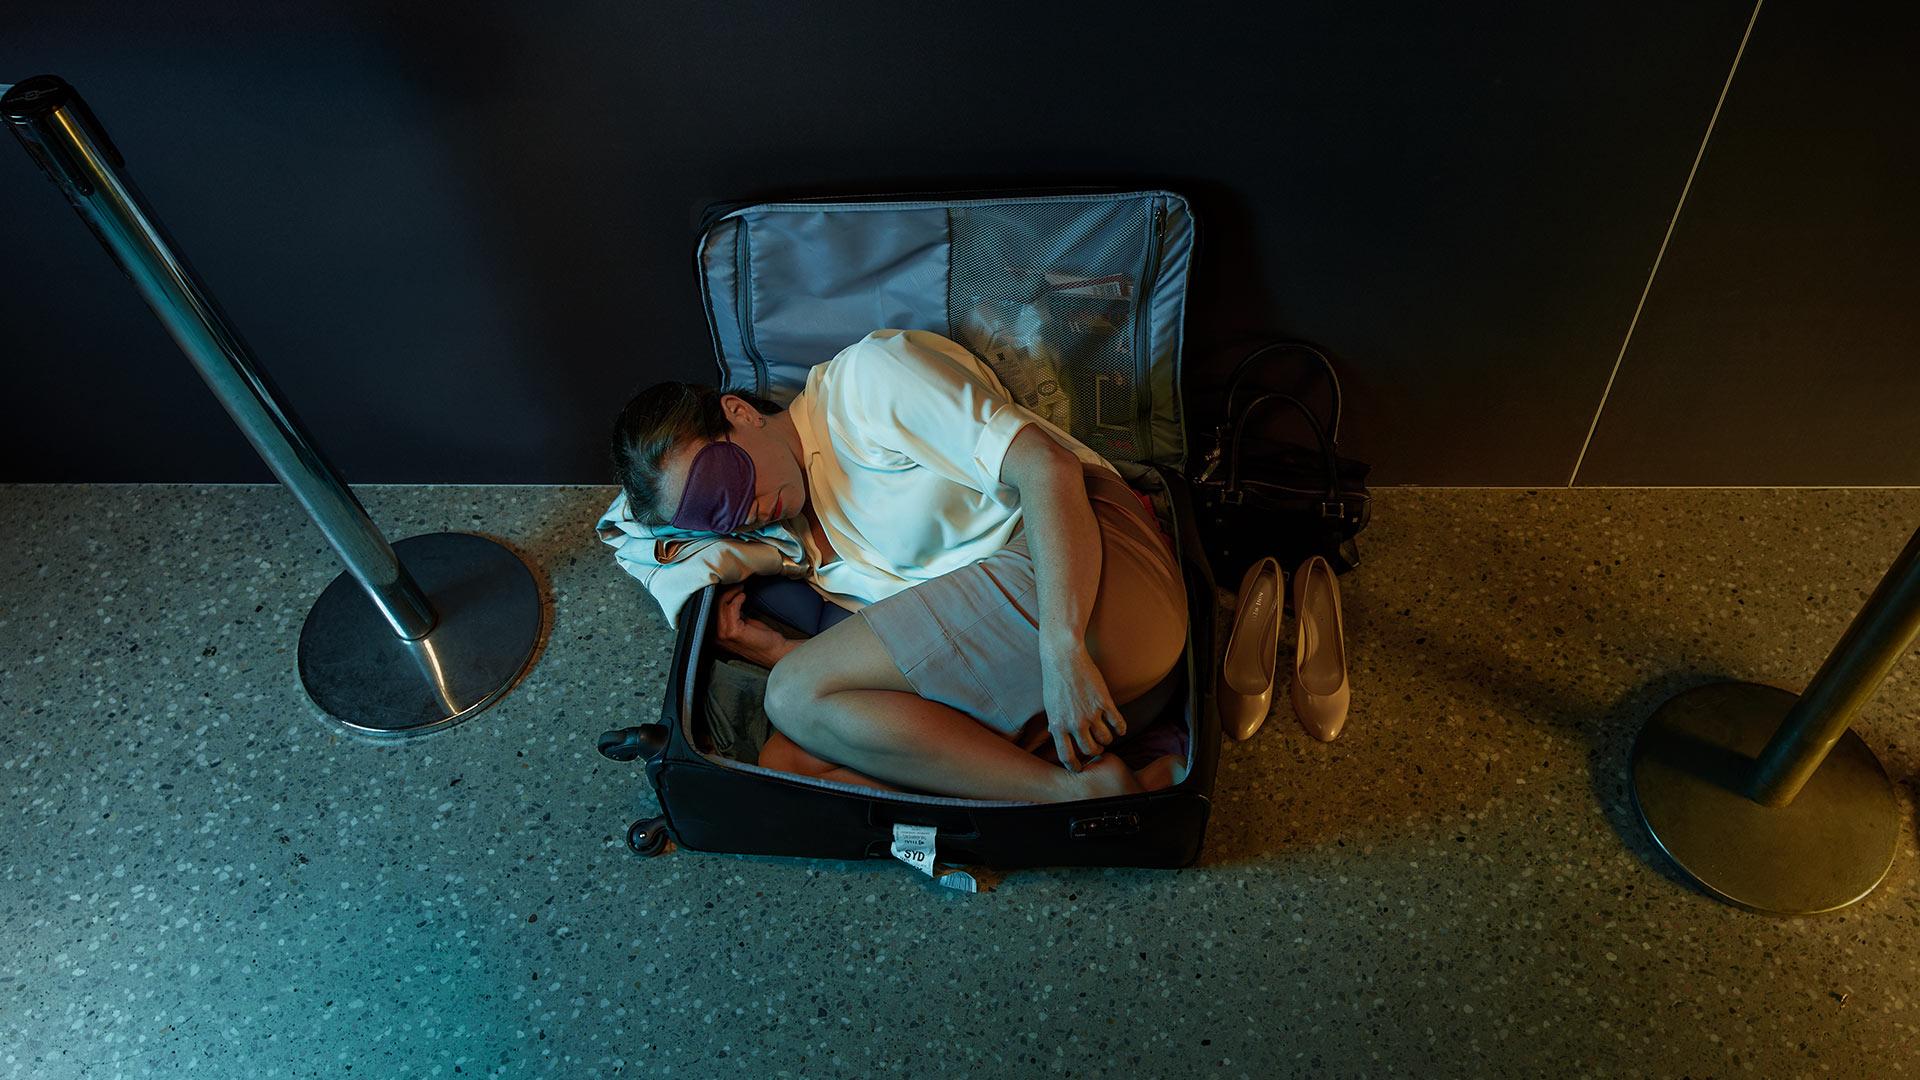 Hotel-Q-Suitcase_1920x1080